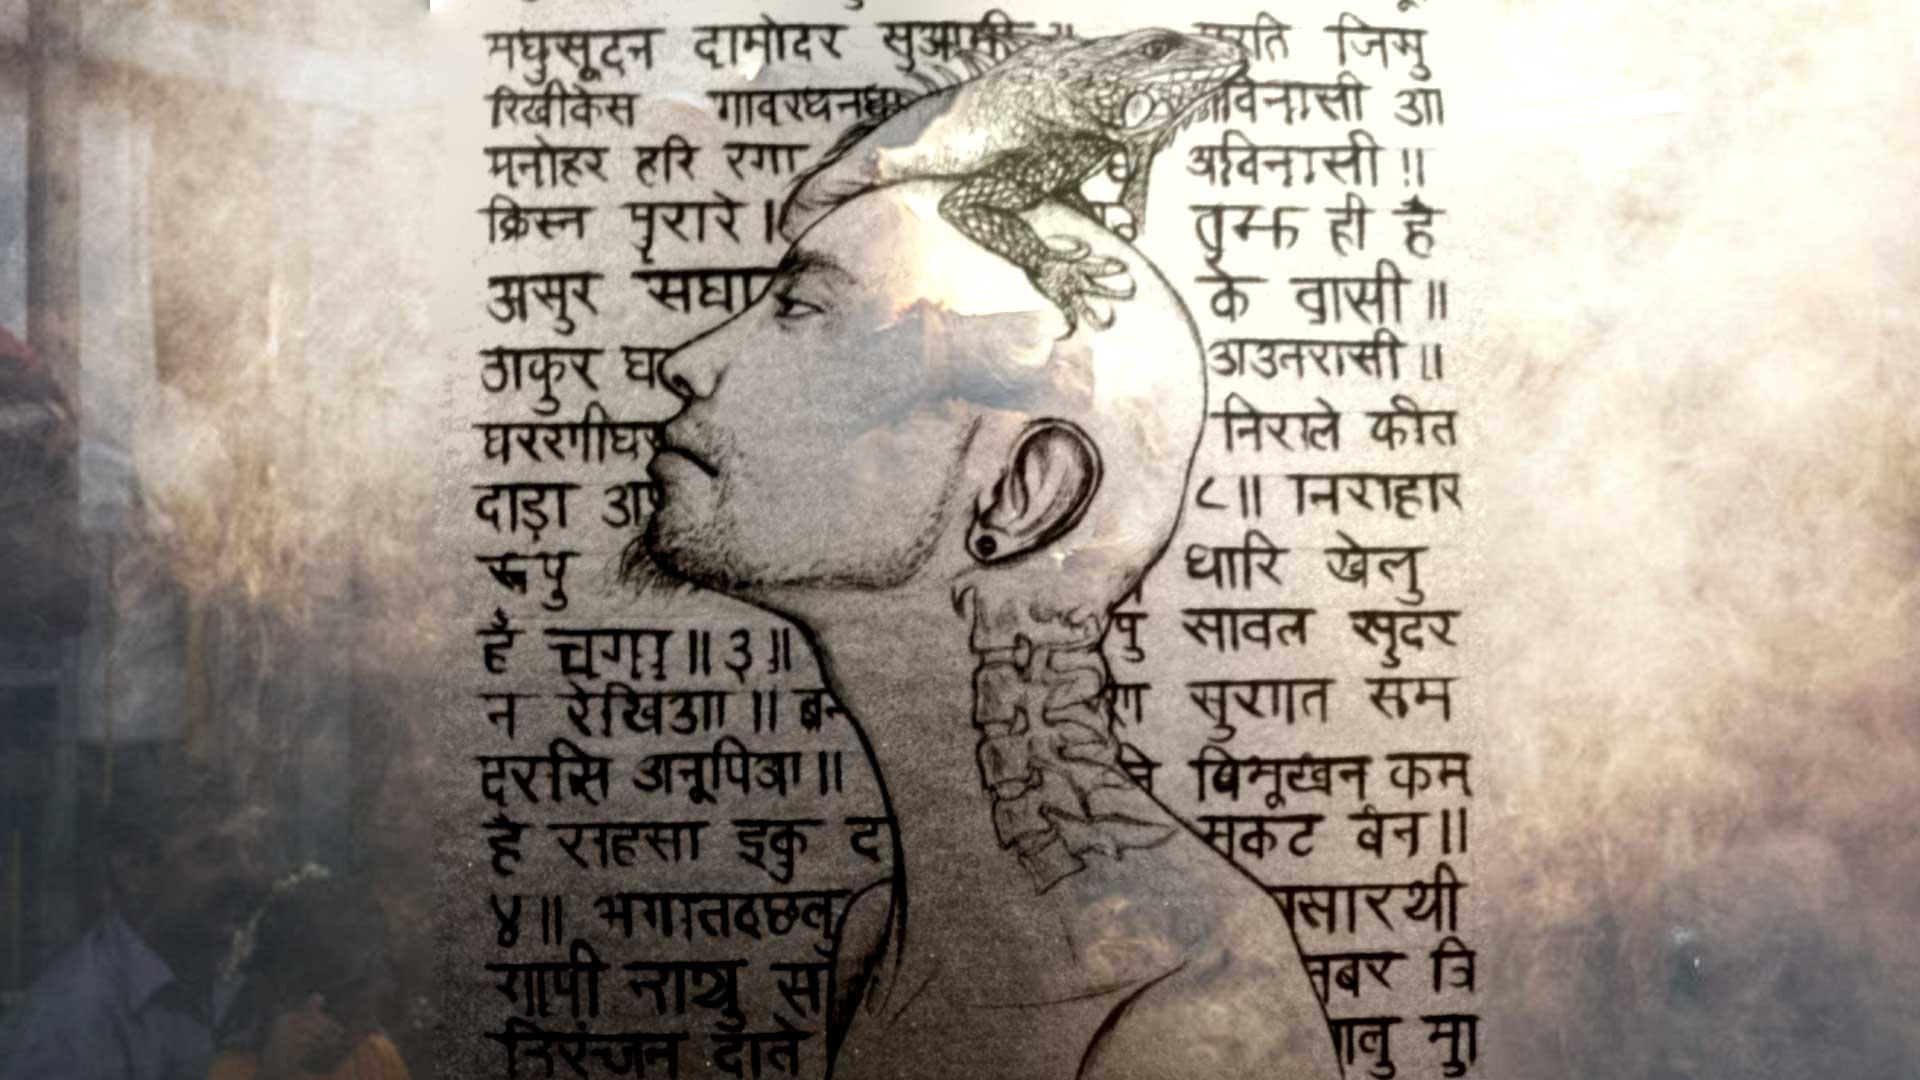 Estas son las 9 reglas para el ser humano según un antiguo texto Sánscrito